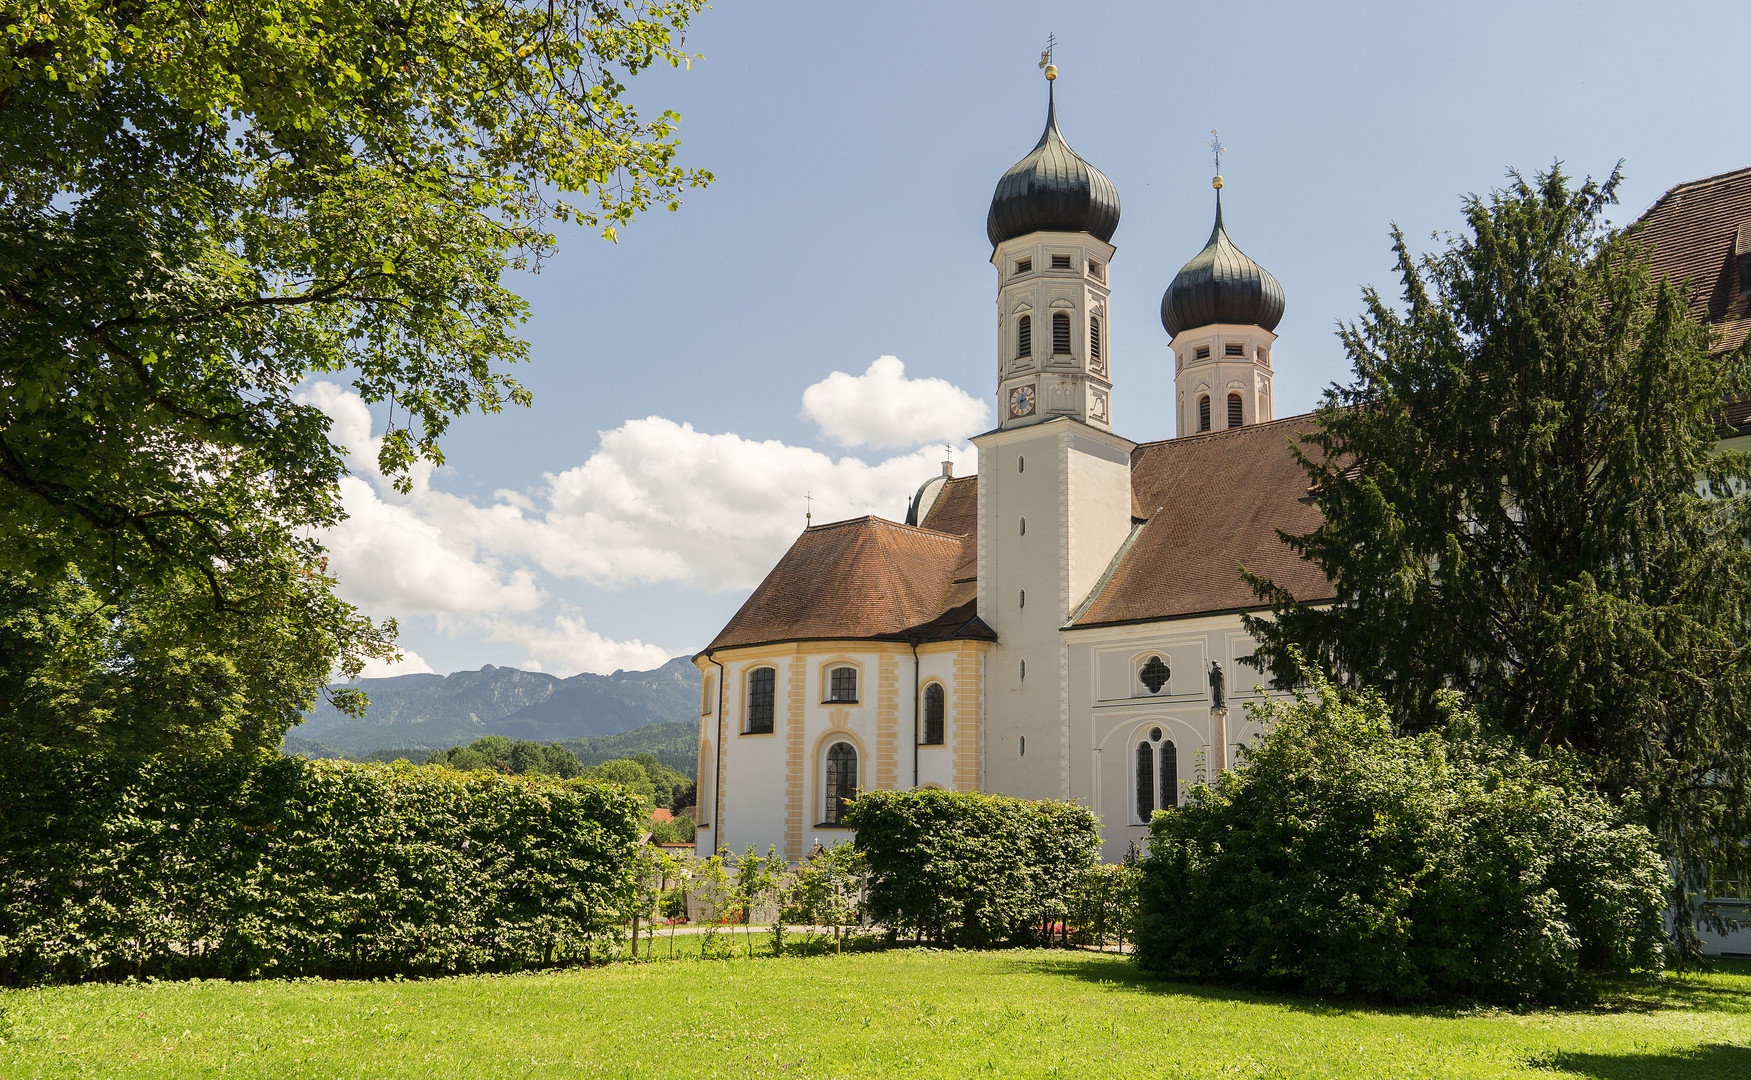 Sommertag beim Kloster Benediktbeuren